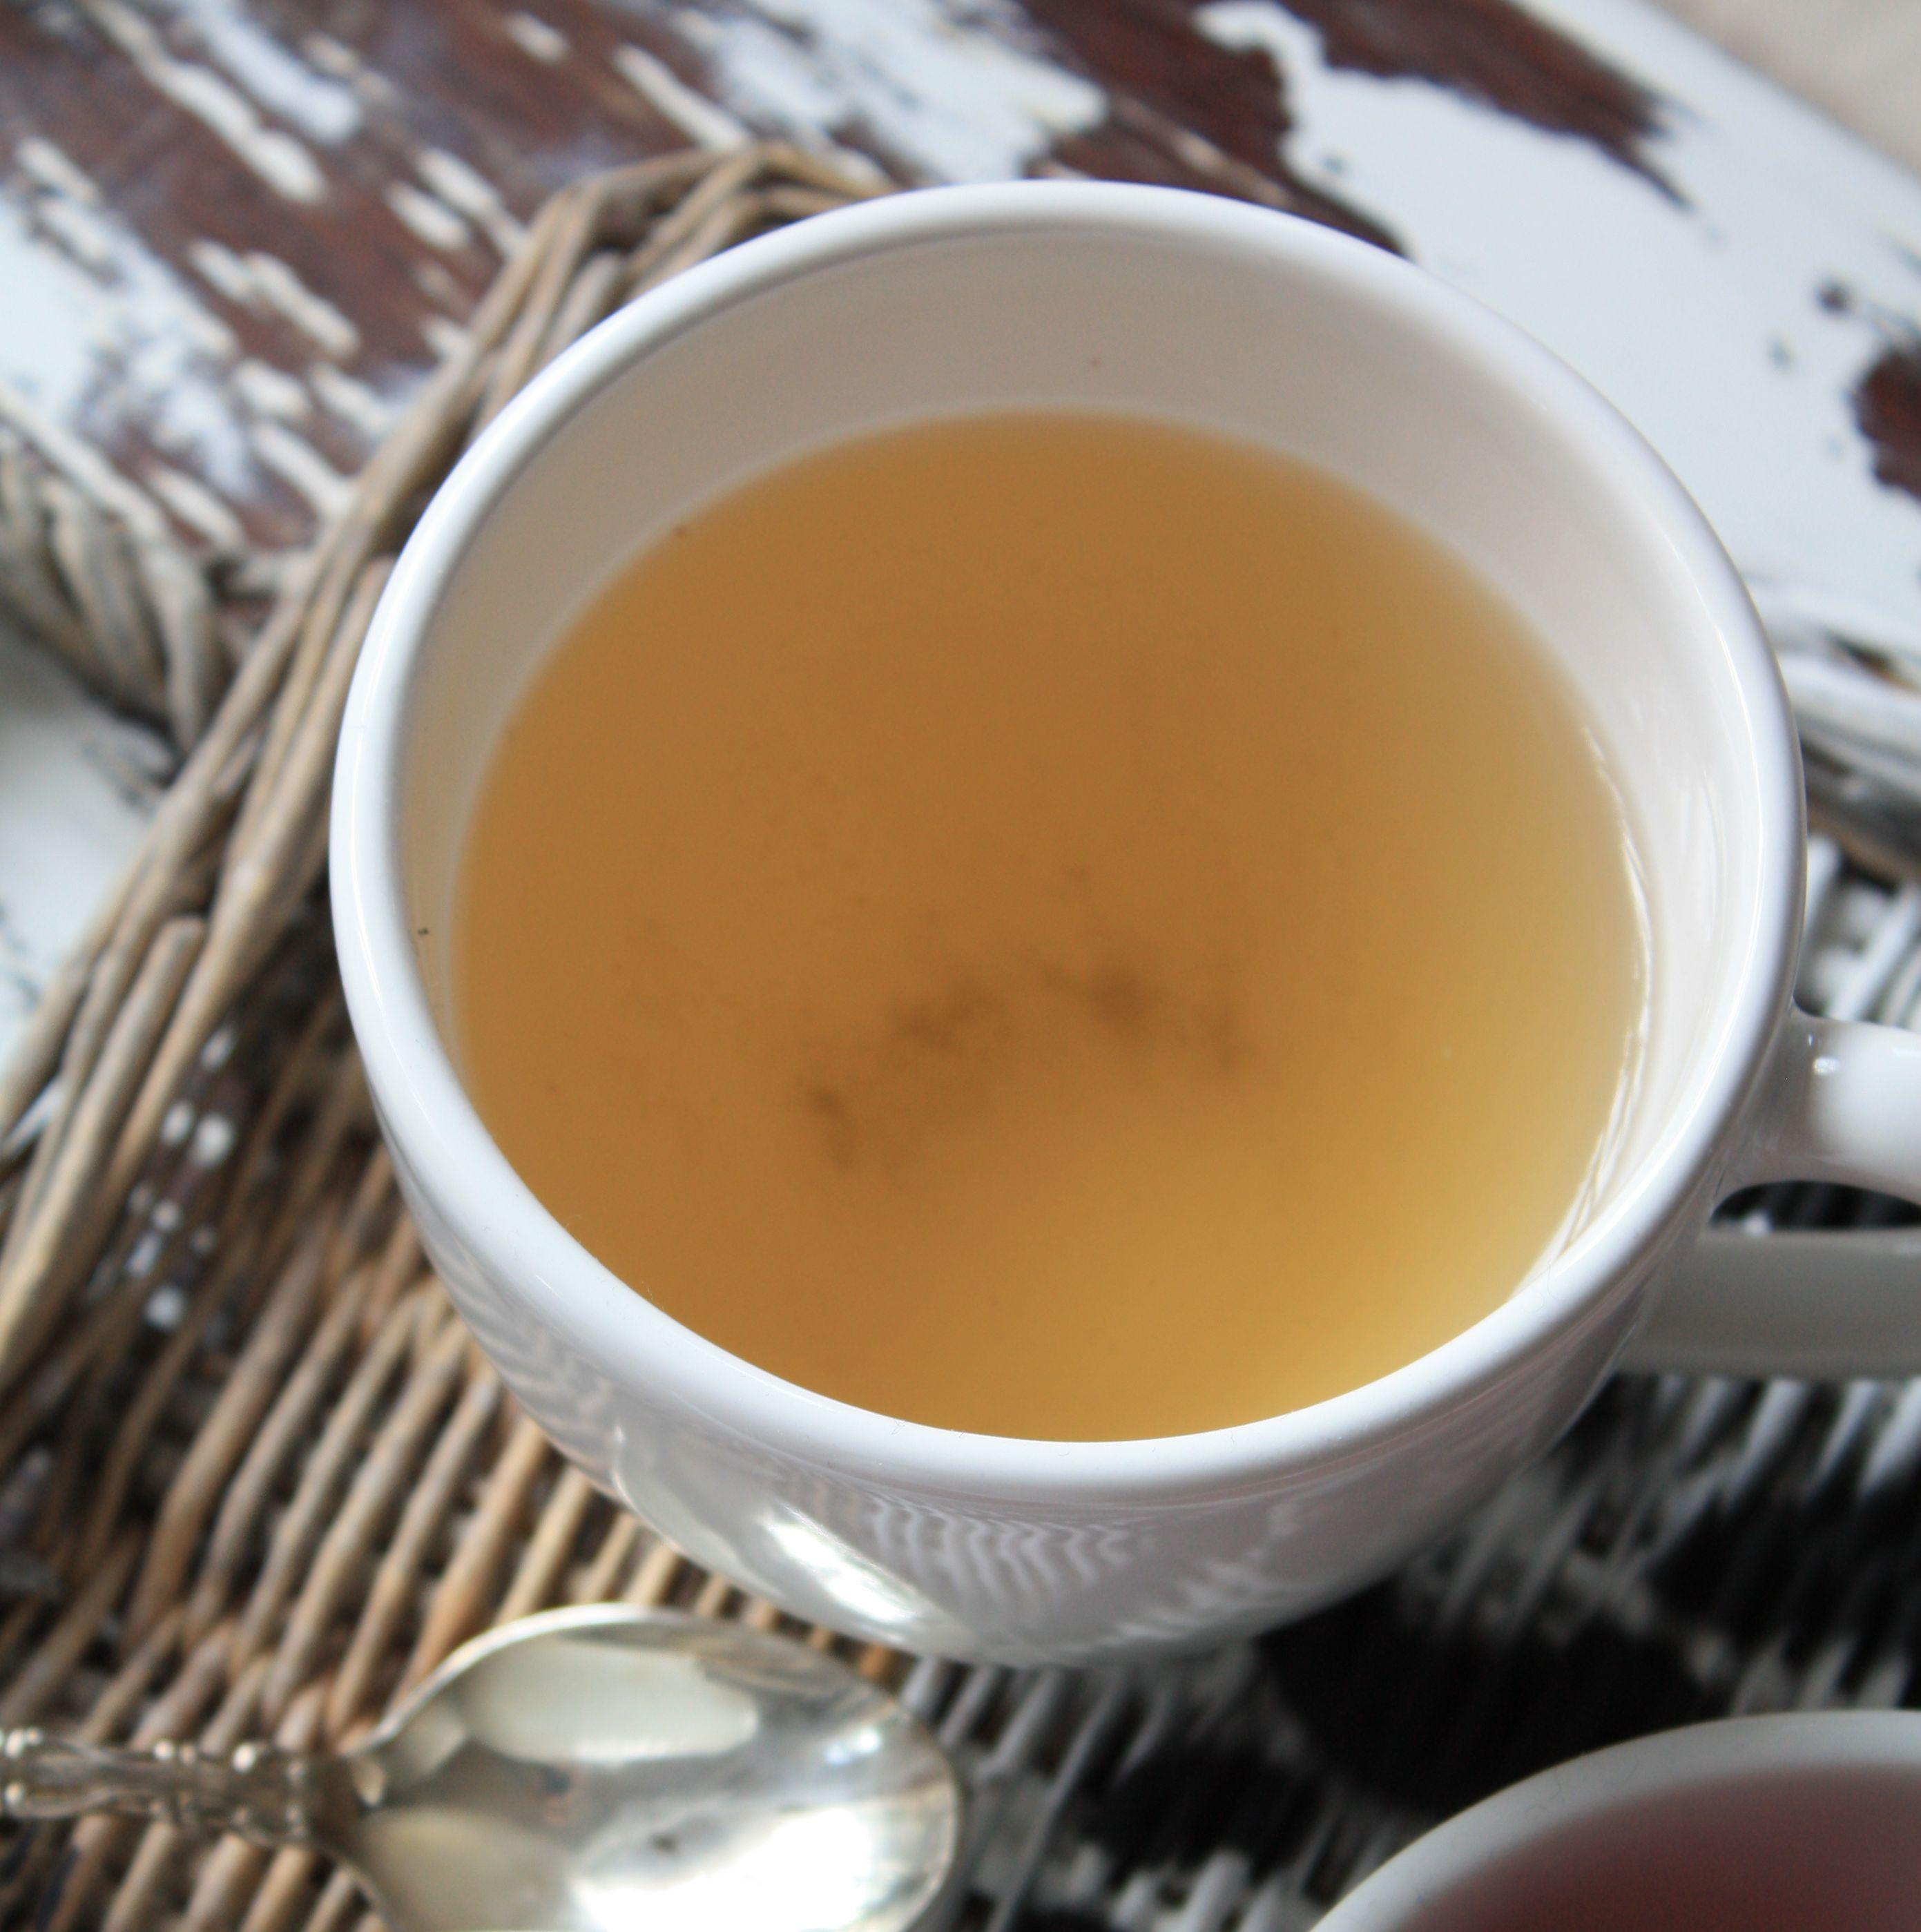 durchfall-tee-salz-zucker